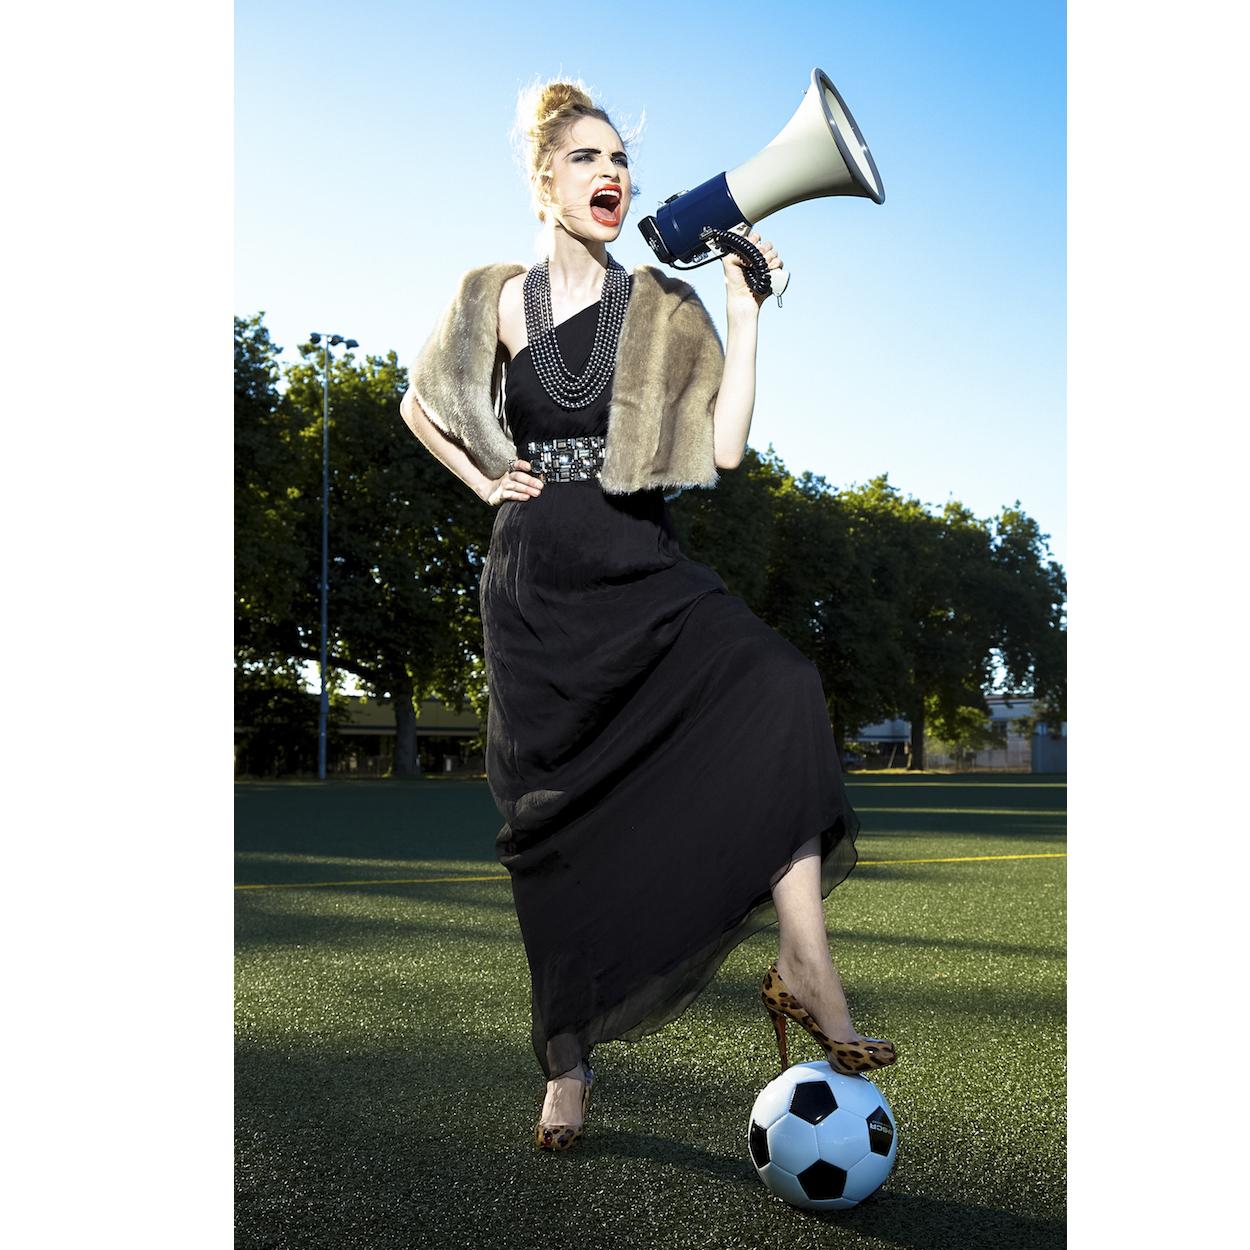 Ceecee_soccer_mom.jpg